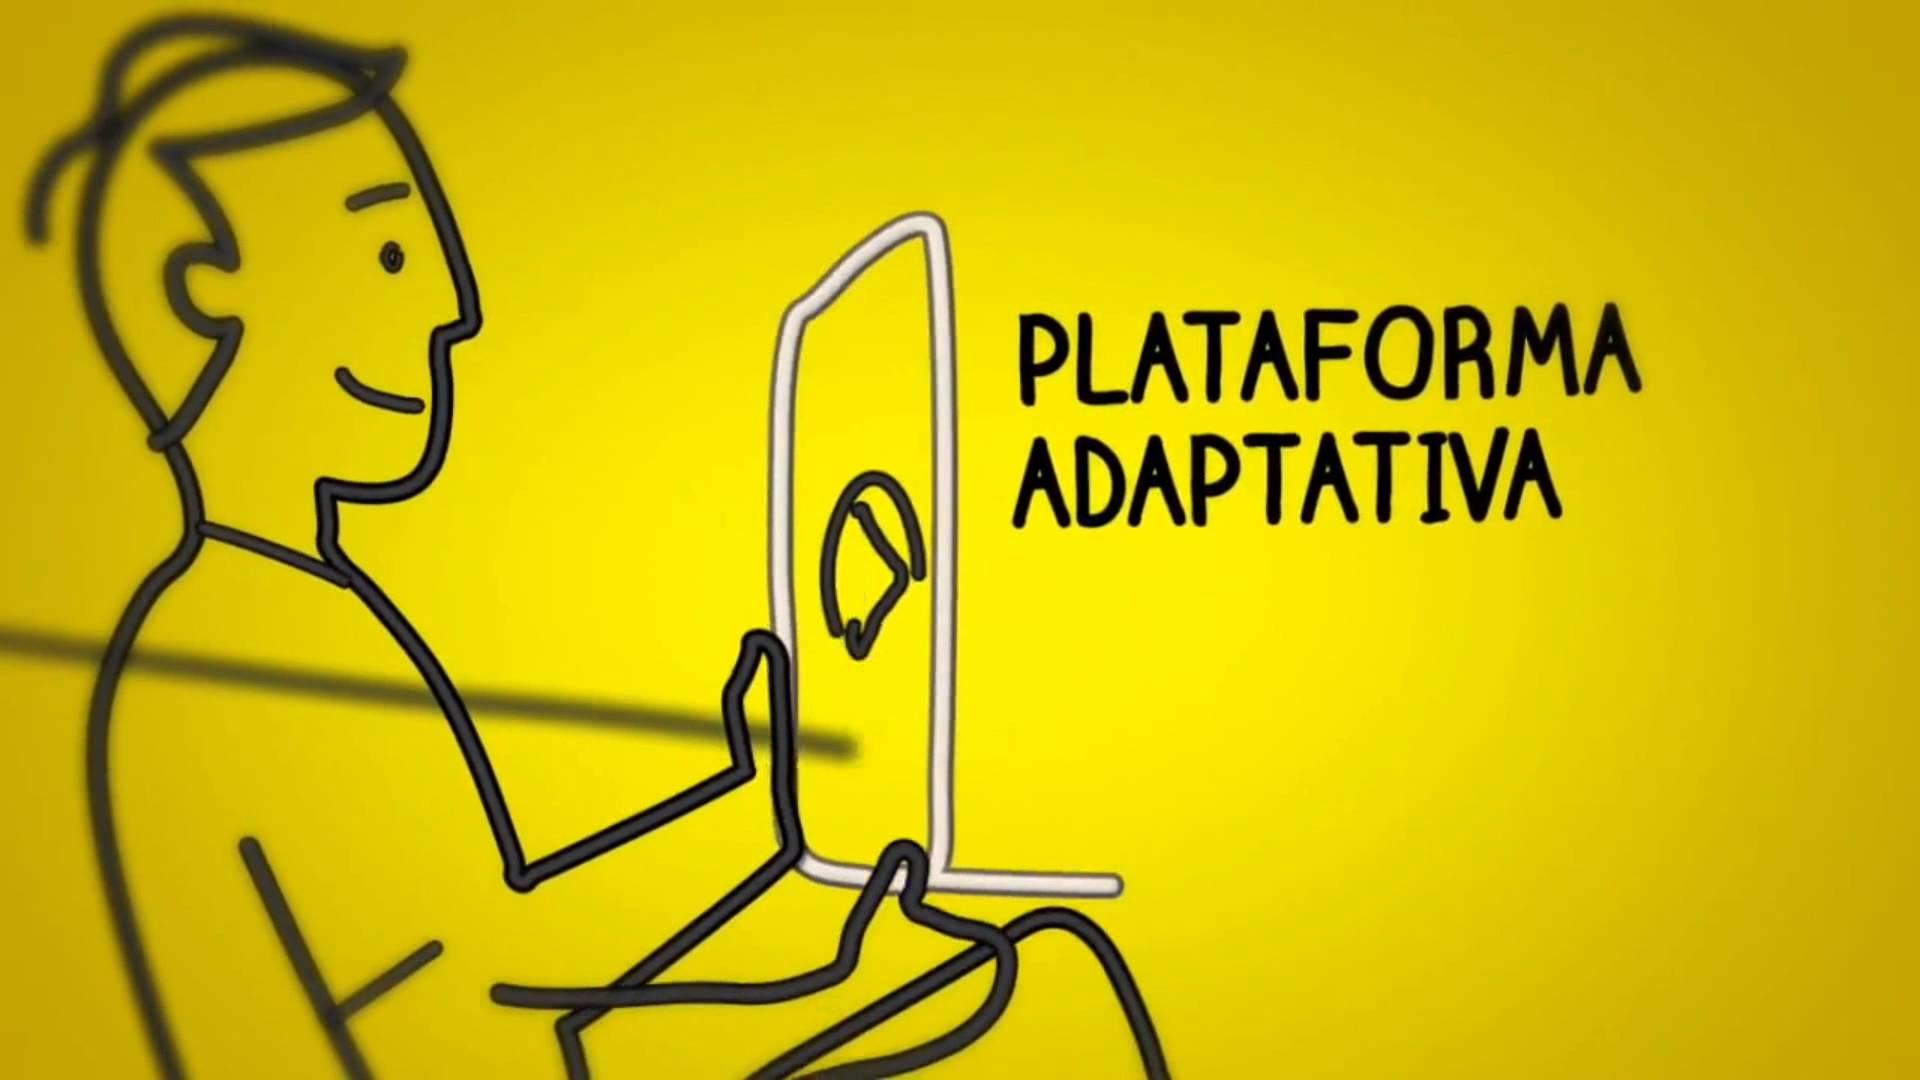 Tudo pela educação: plataformas adaptativas